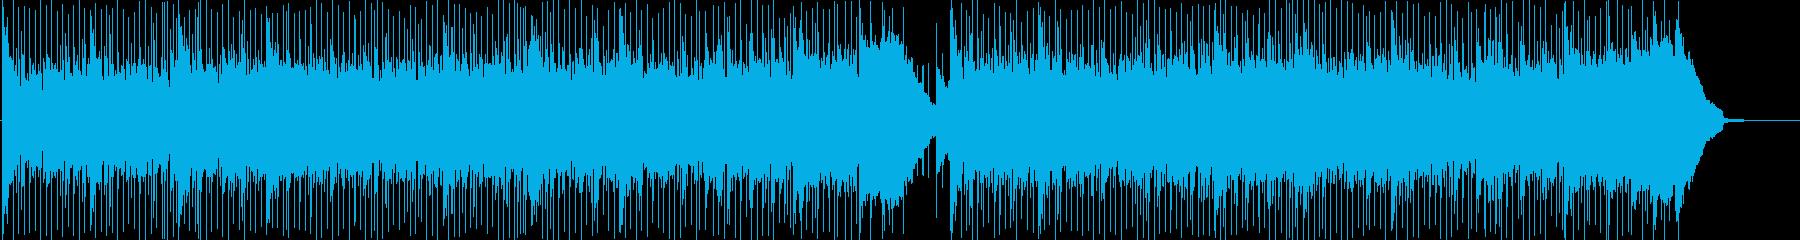 浮遊間のある不思議な感じのフュージョンの再生済みの波形